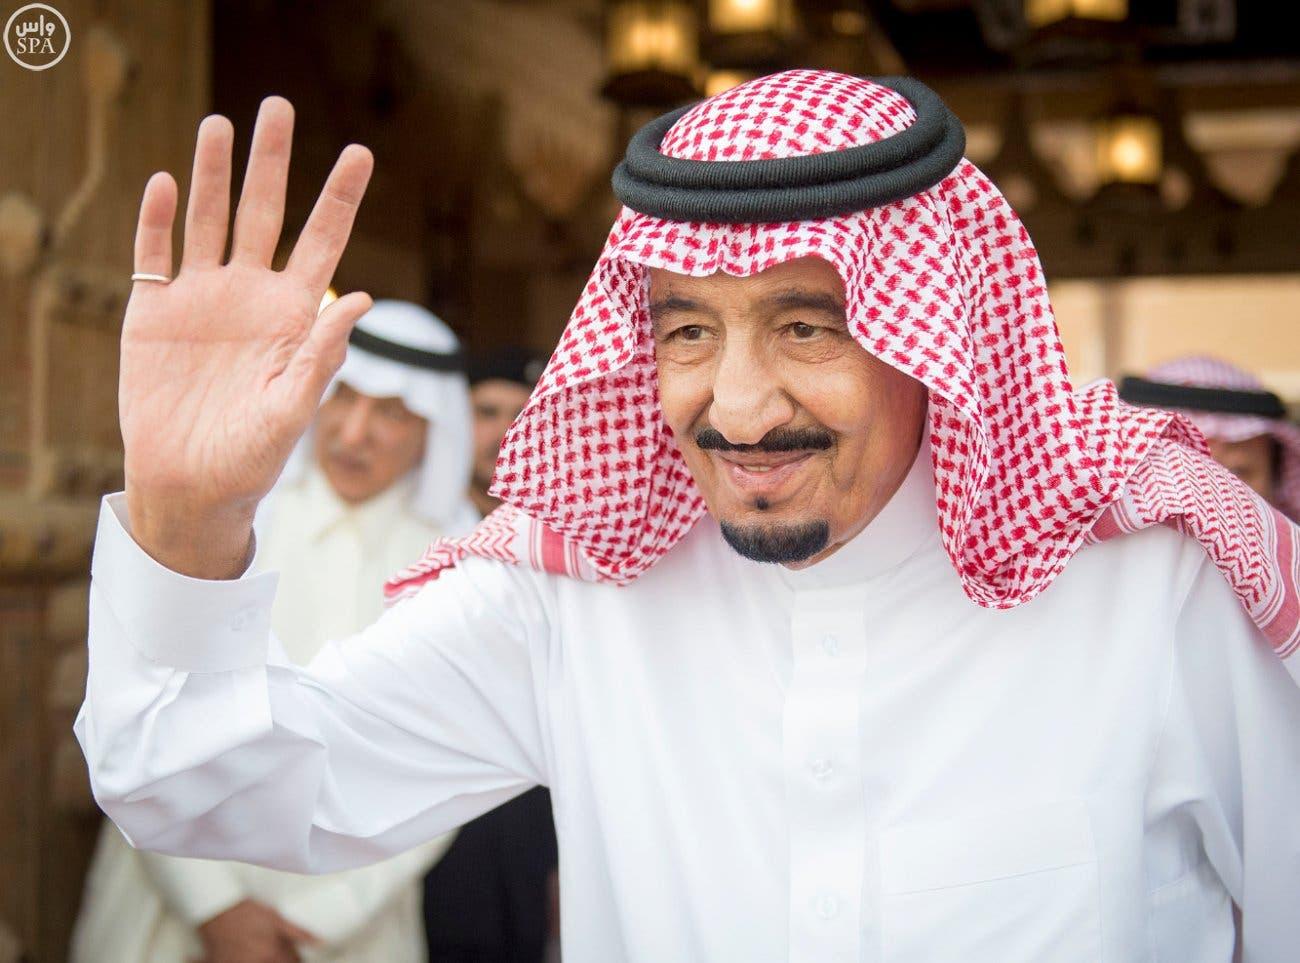 """ملامح السعودية """"الجديدة"""" تظهر بعد 100 يوم من حكم سلمان C2dbaceb-1916-4ee8-823a-e953ddb2a121"""